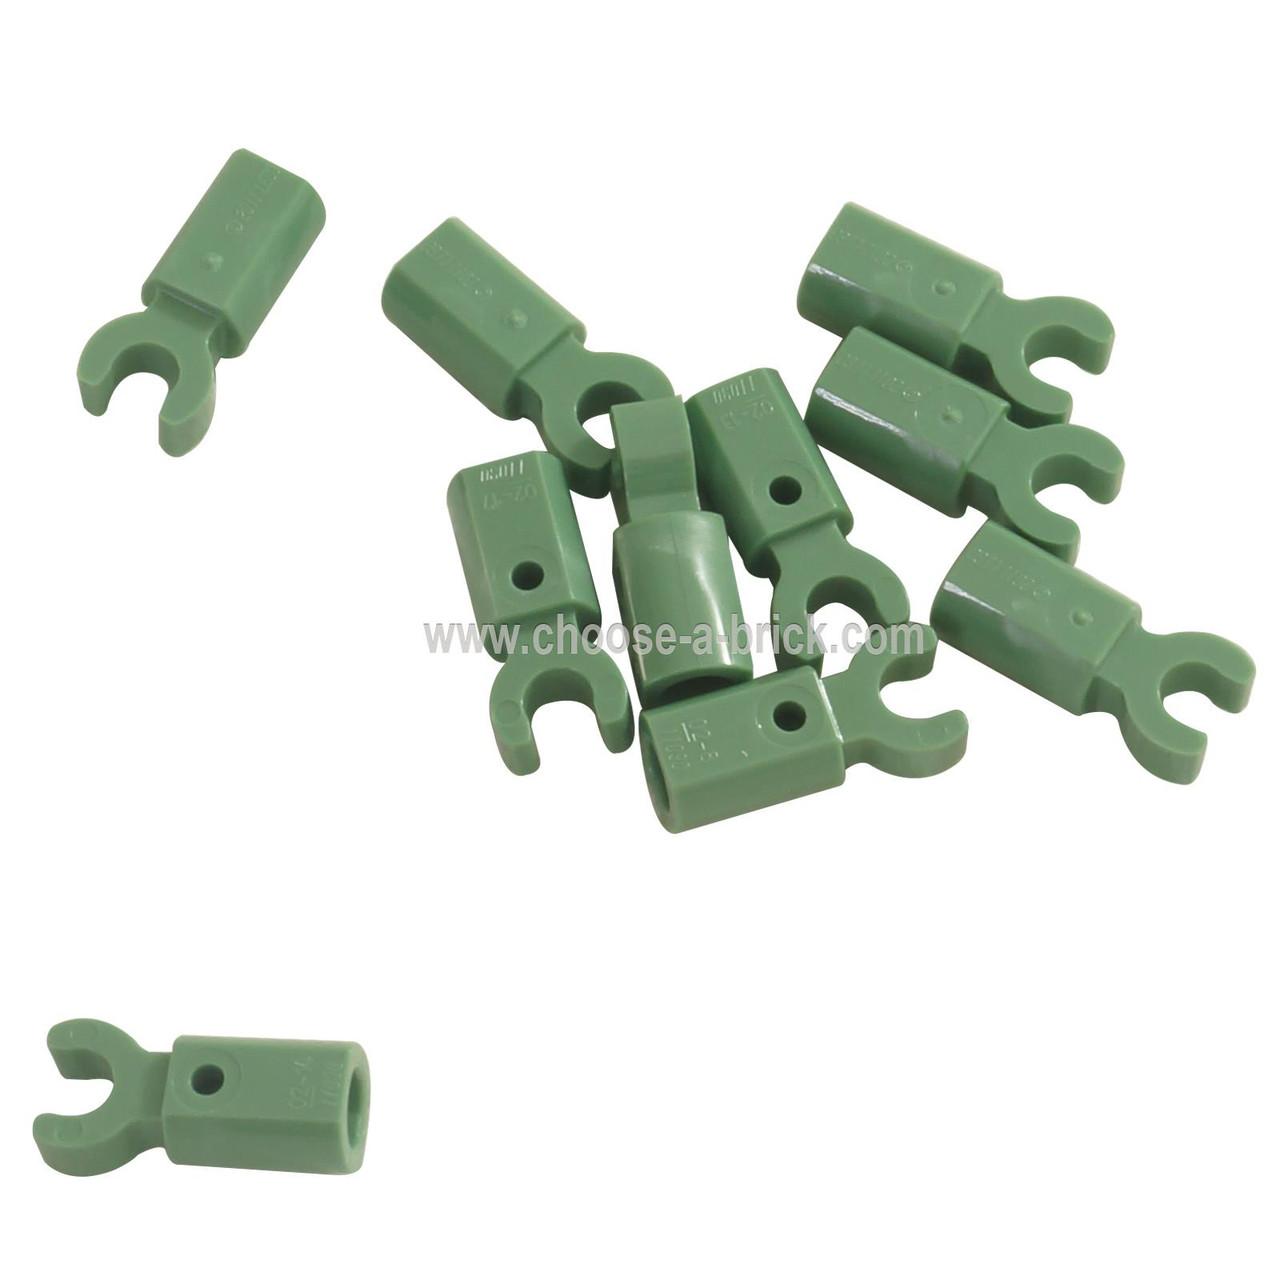 Lego 2 x Halter Arm weiß Bar Holder with Clip White 11090 NEU // NEW